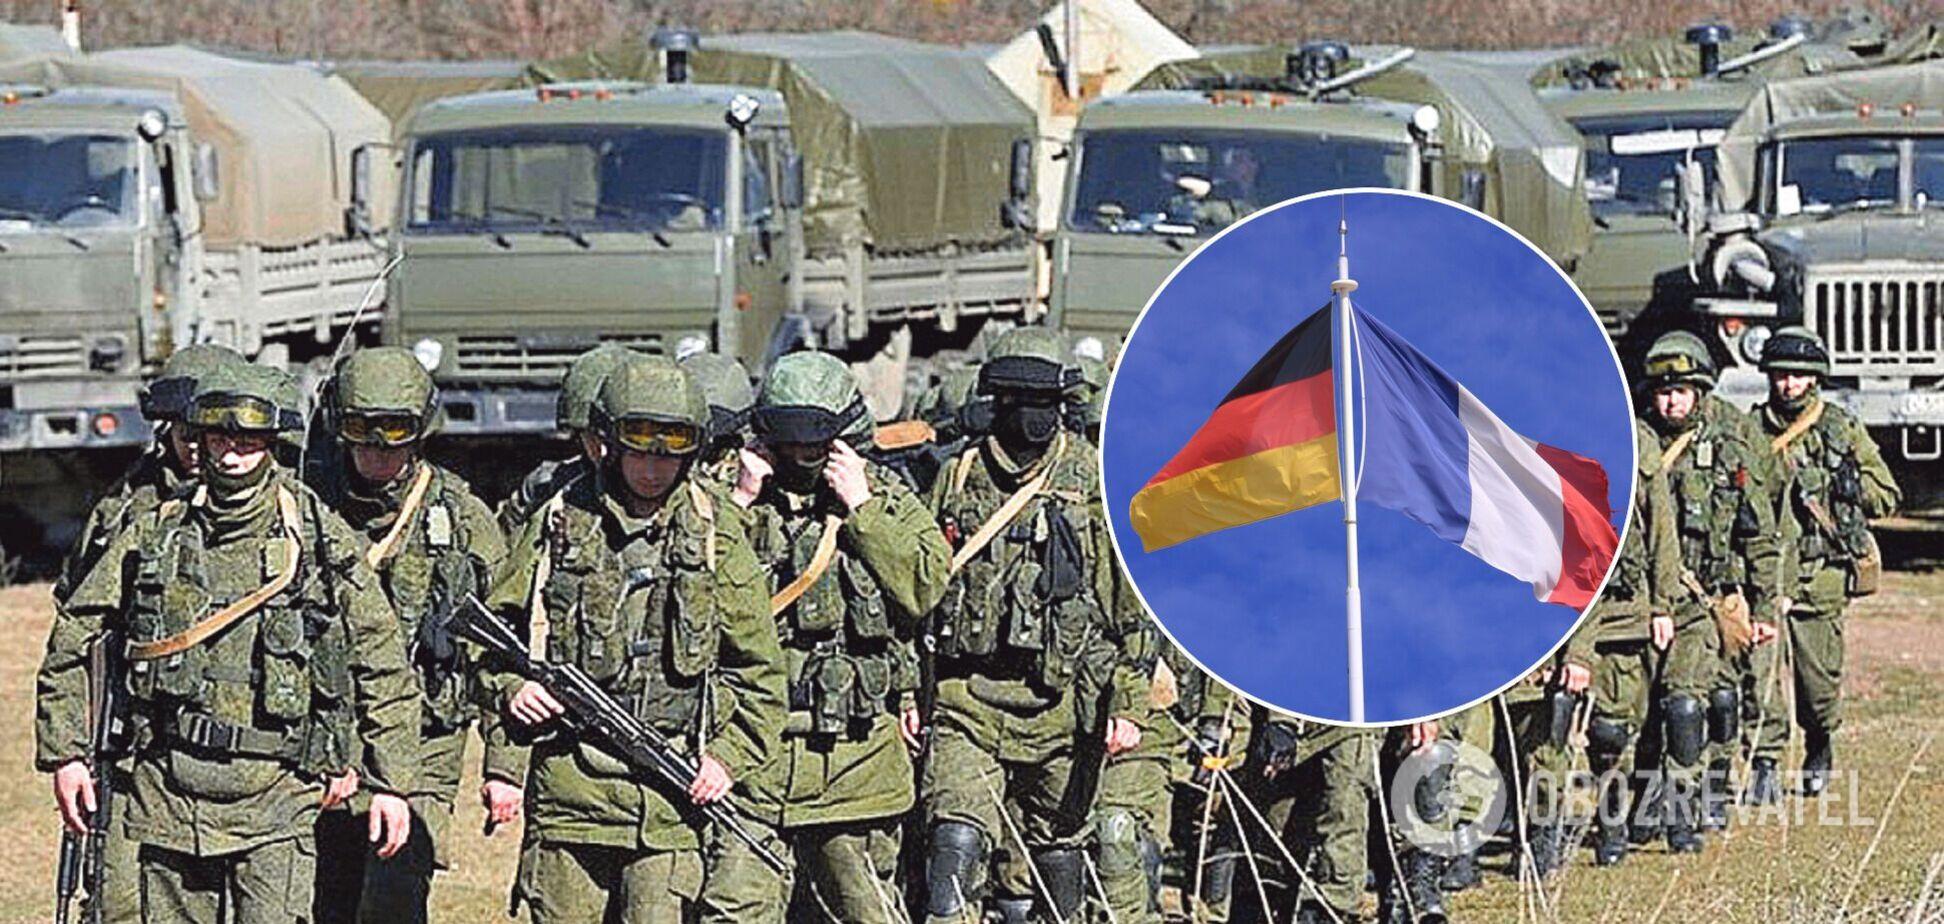 Росія проігнорувала засідання ОБСЄ по Україні: Франція і Німеччина висловили невдоволення